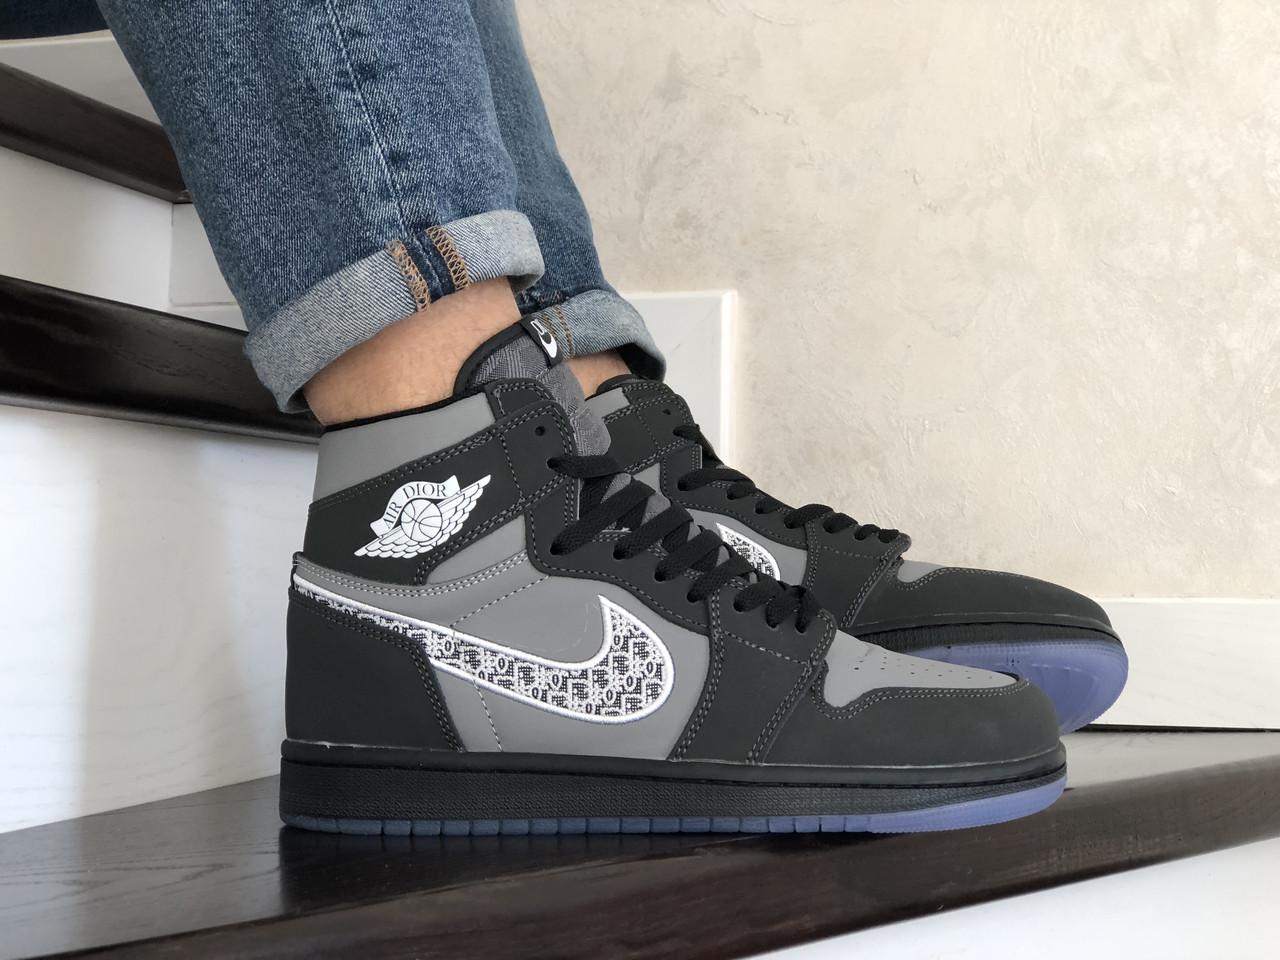 Чоловічі високі кросівки Nike Air Jordan Dior, чорні / взуття для баскетболу (Топ репліка ААА+)